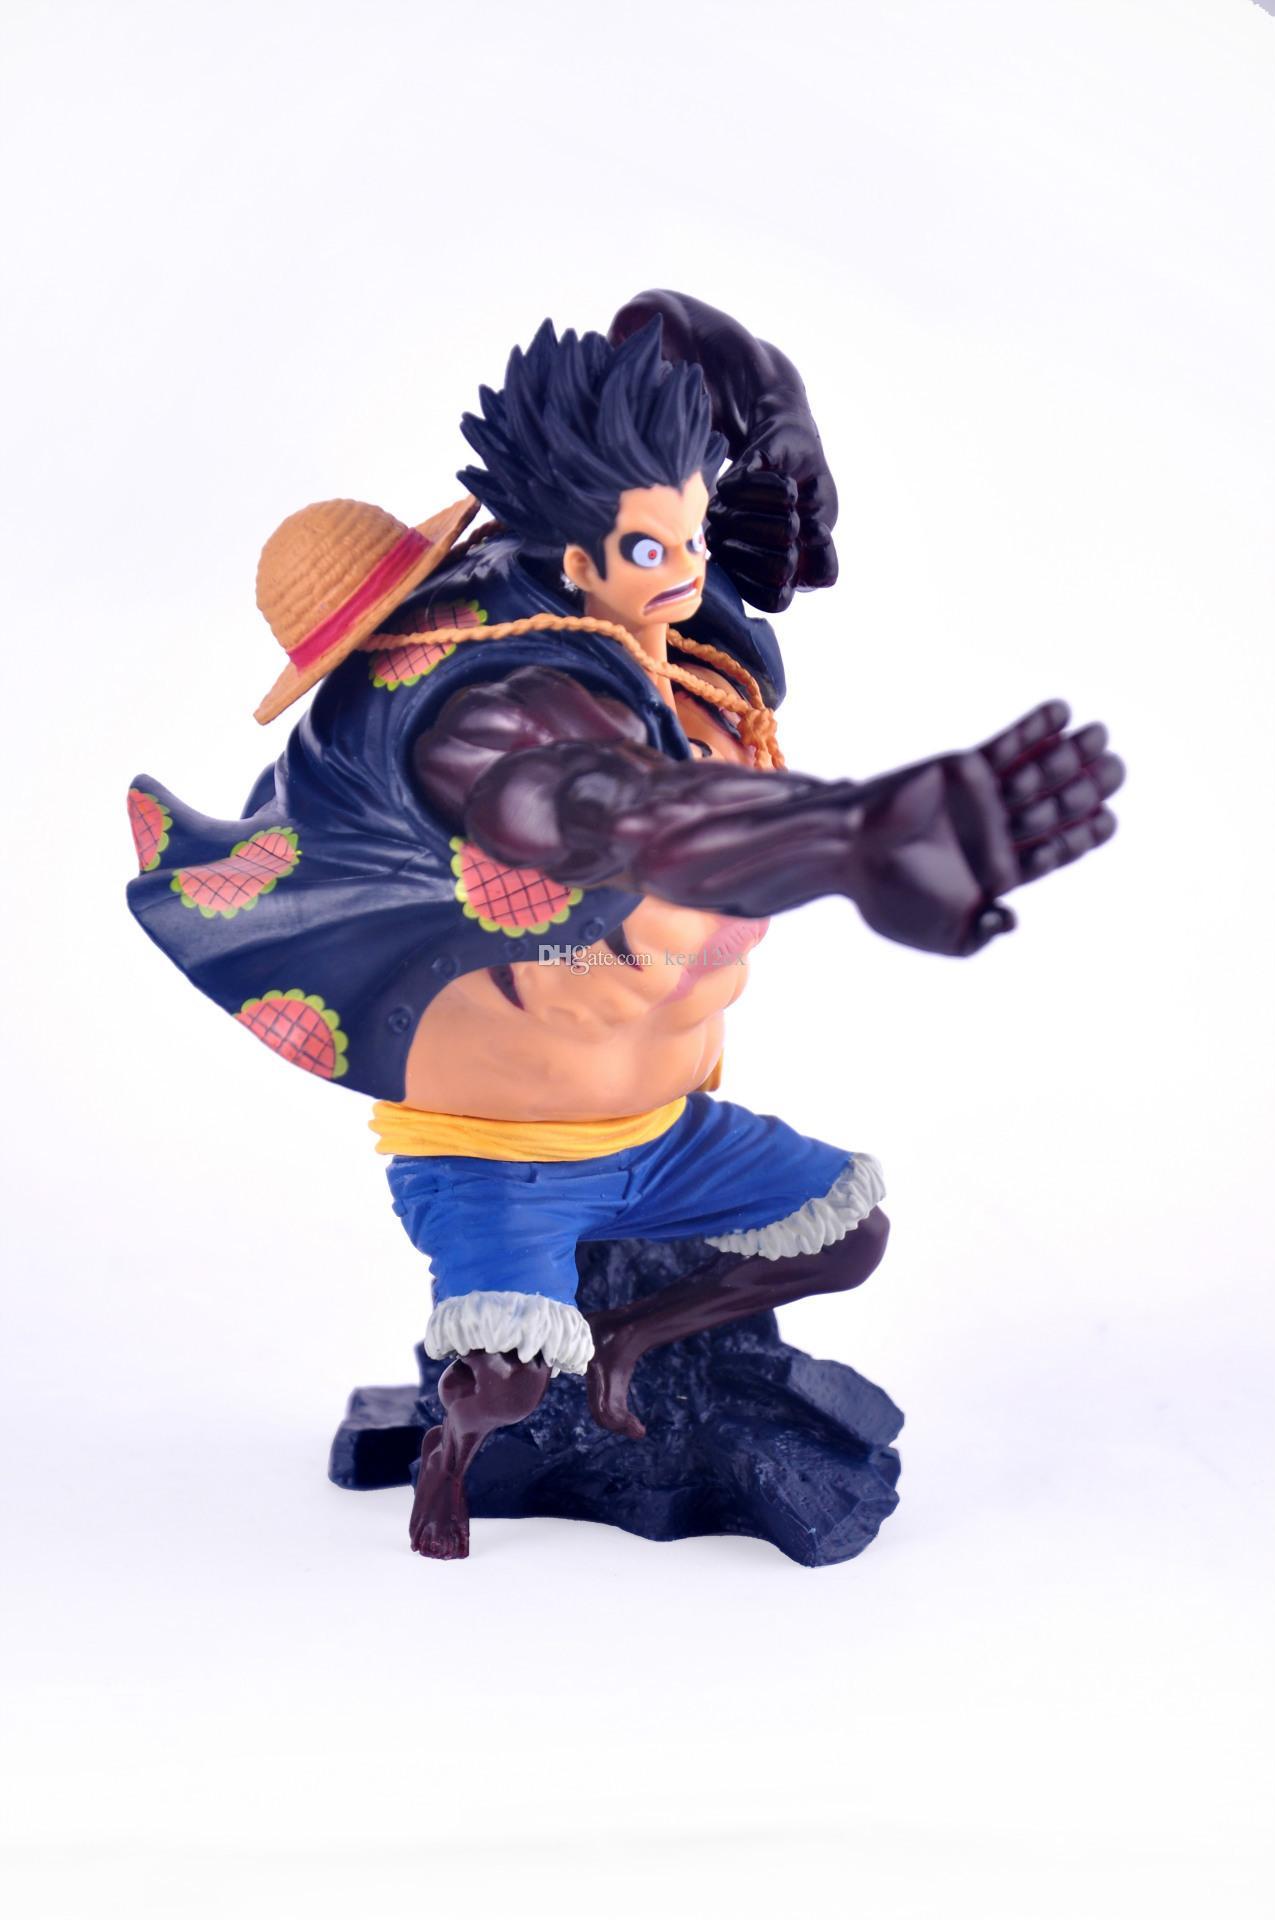 NOUVELLE chaude 17 cm One piece Gear quatrième Monkey D Luffy figure figurine jouets de Noël jouet avec boîte